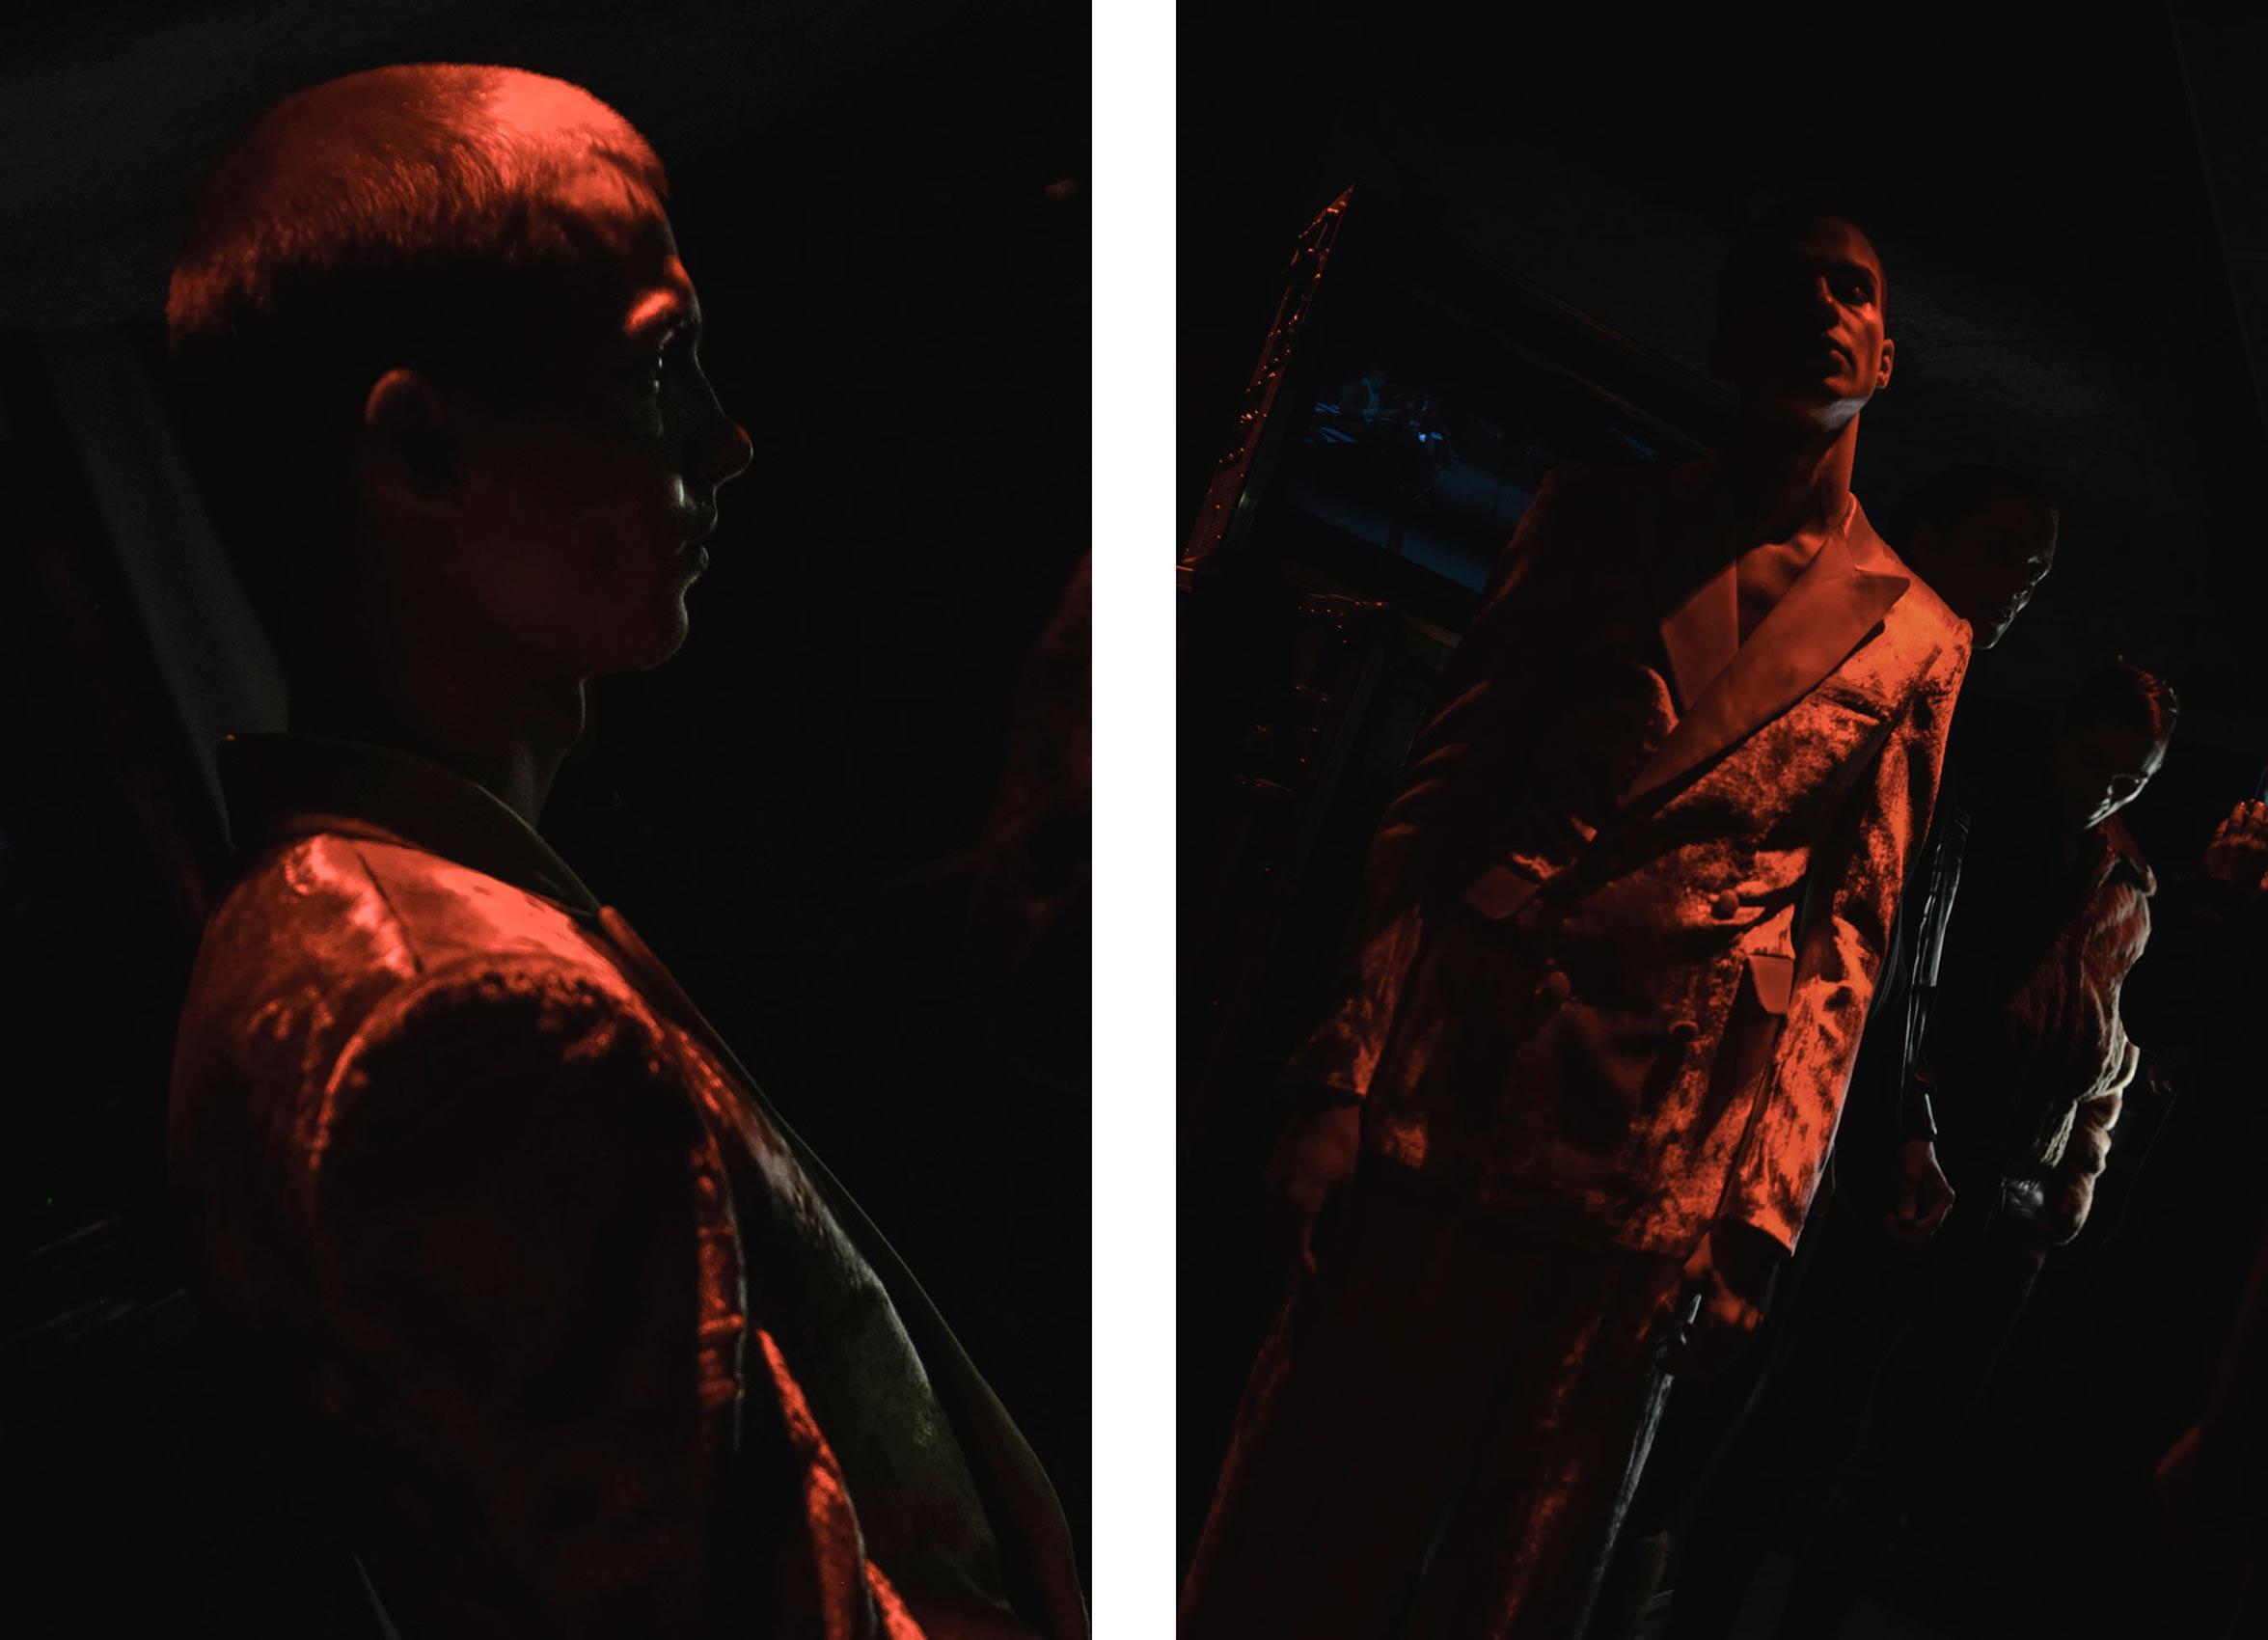 david_picchiottino_FW_FASHION_WEEK_backstage_10.jpg